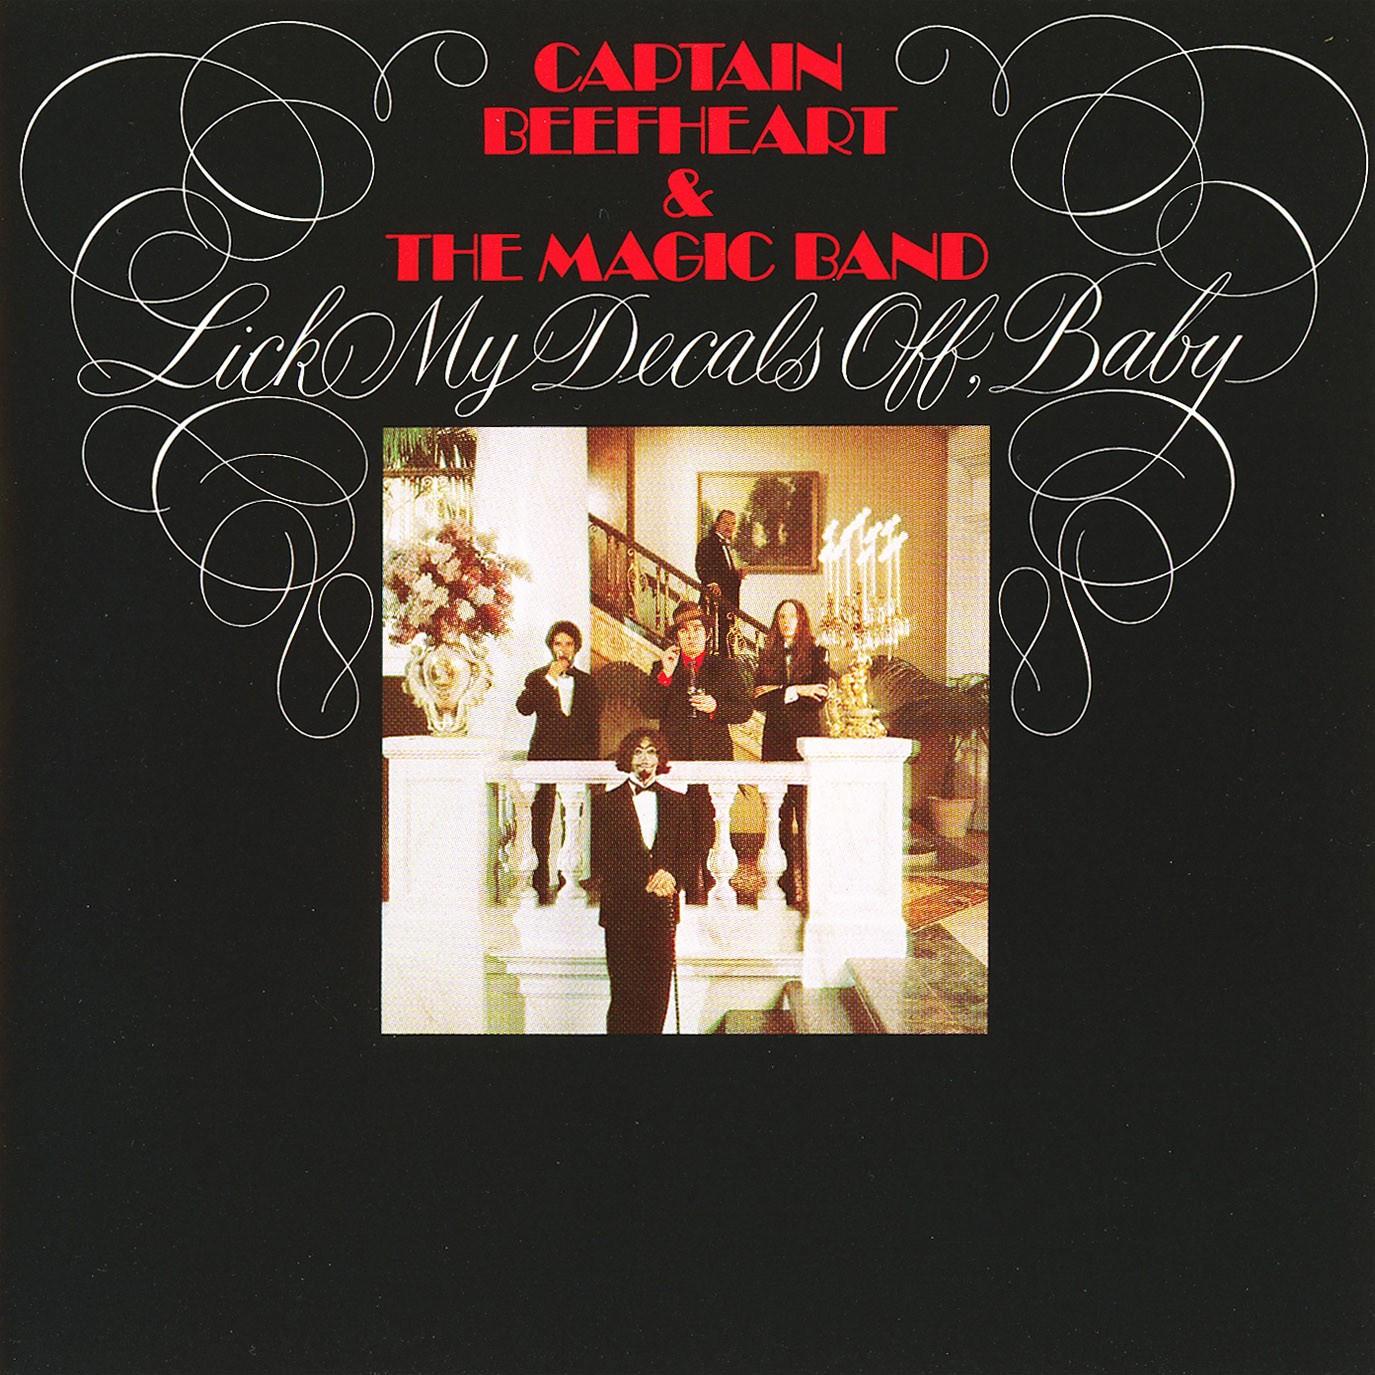 Captain Beefheart – Lick My Decals Off, Baby [LP]